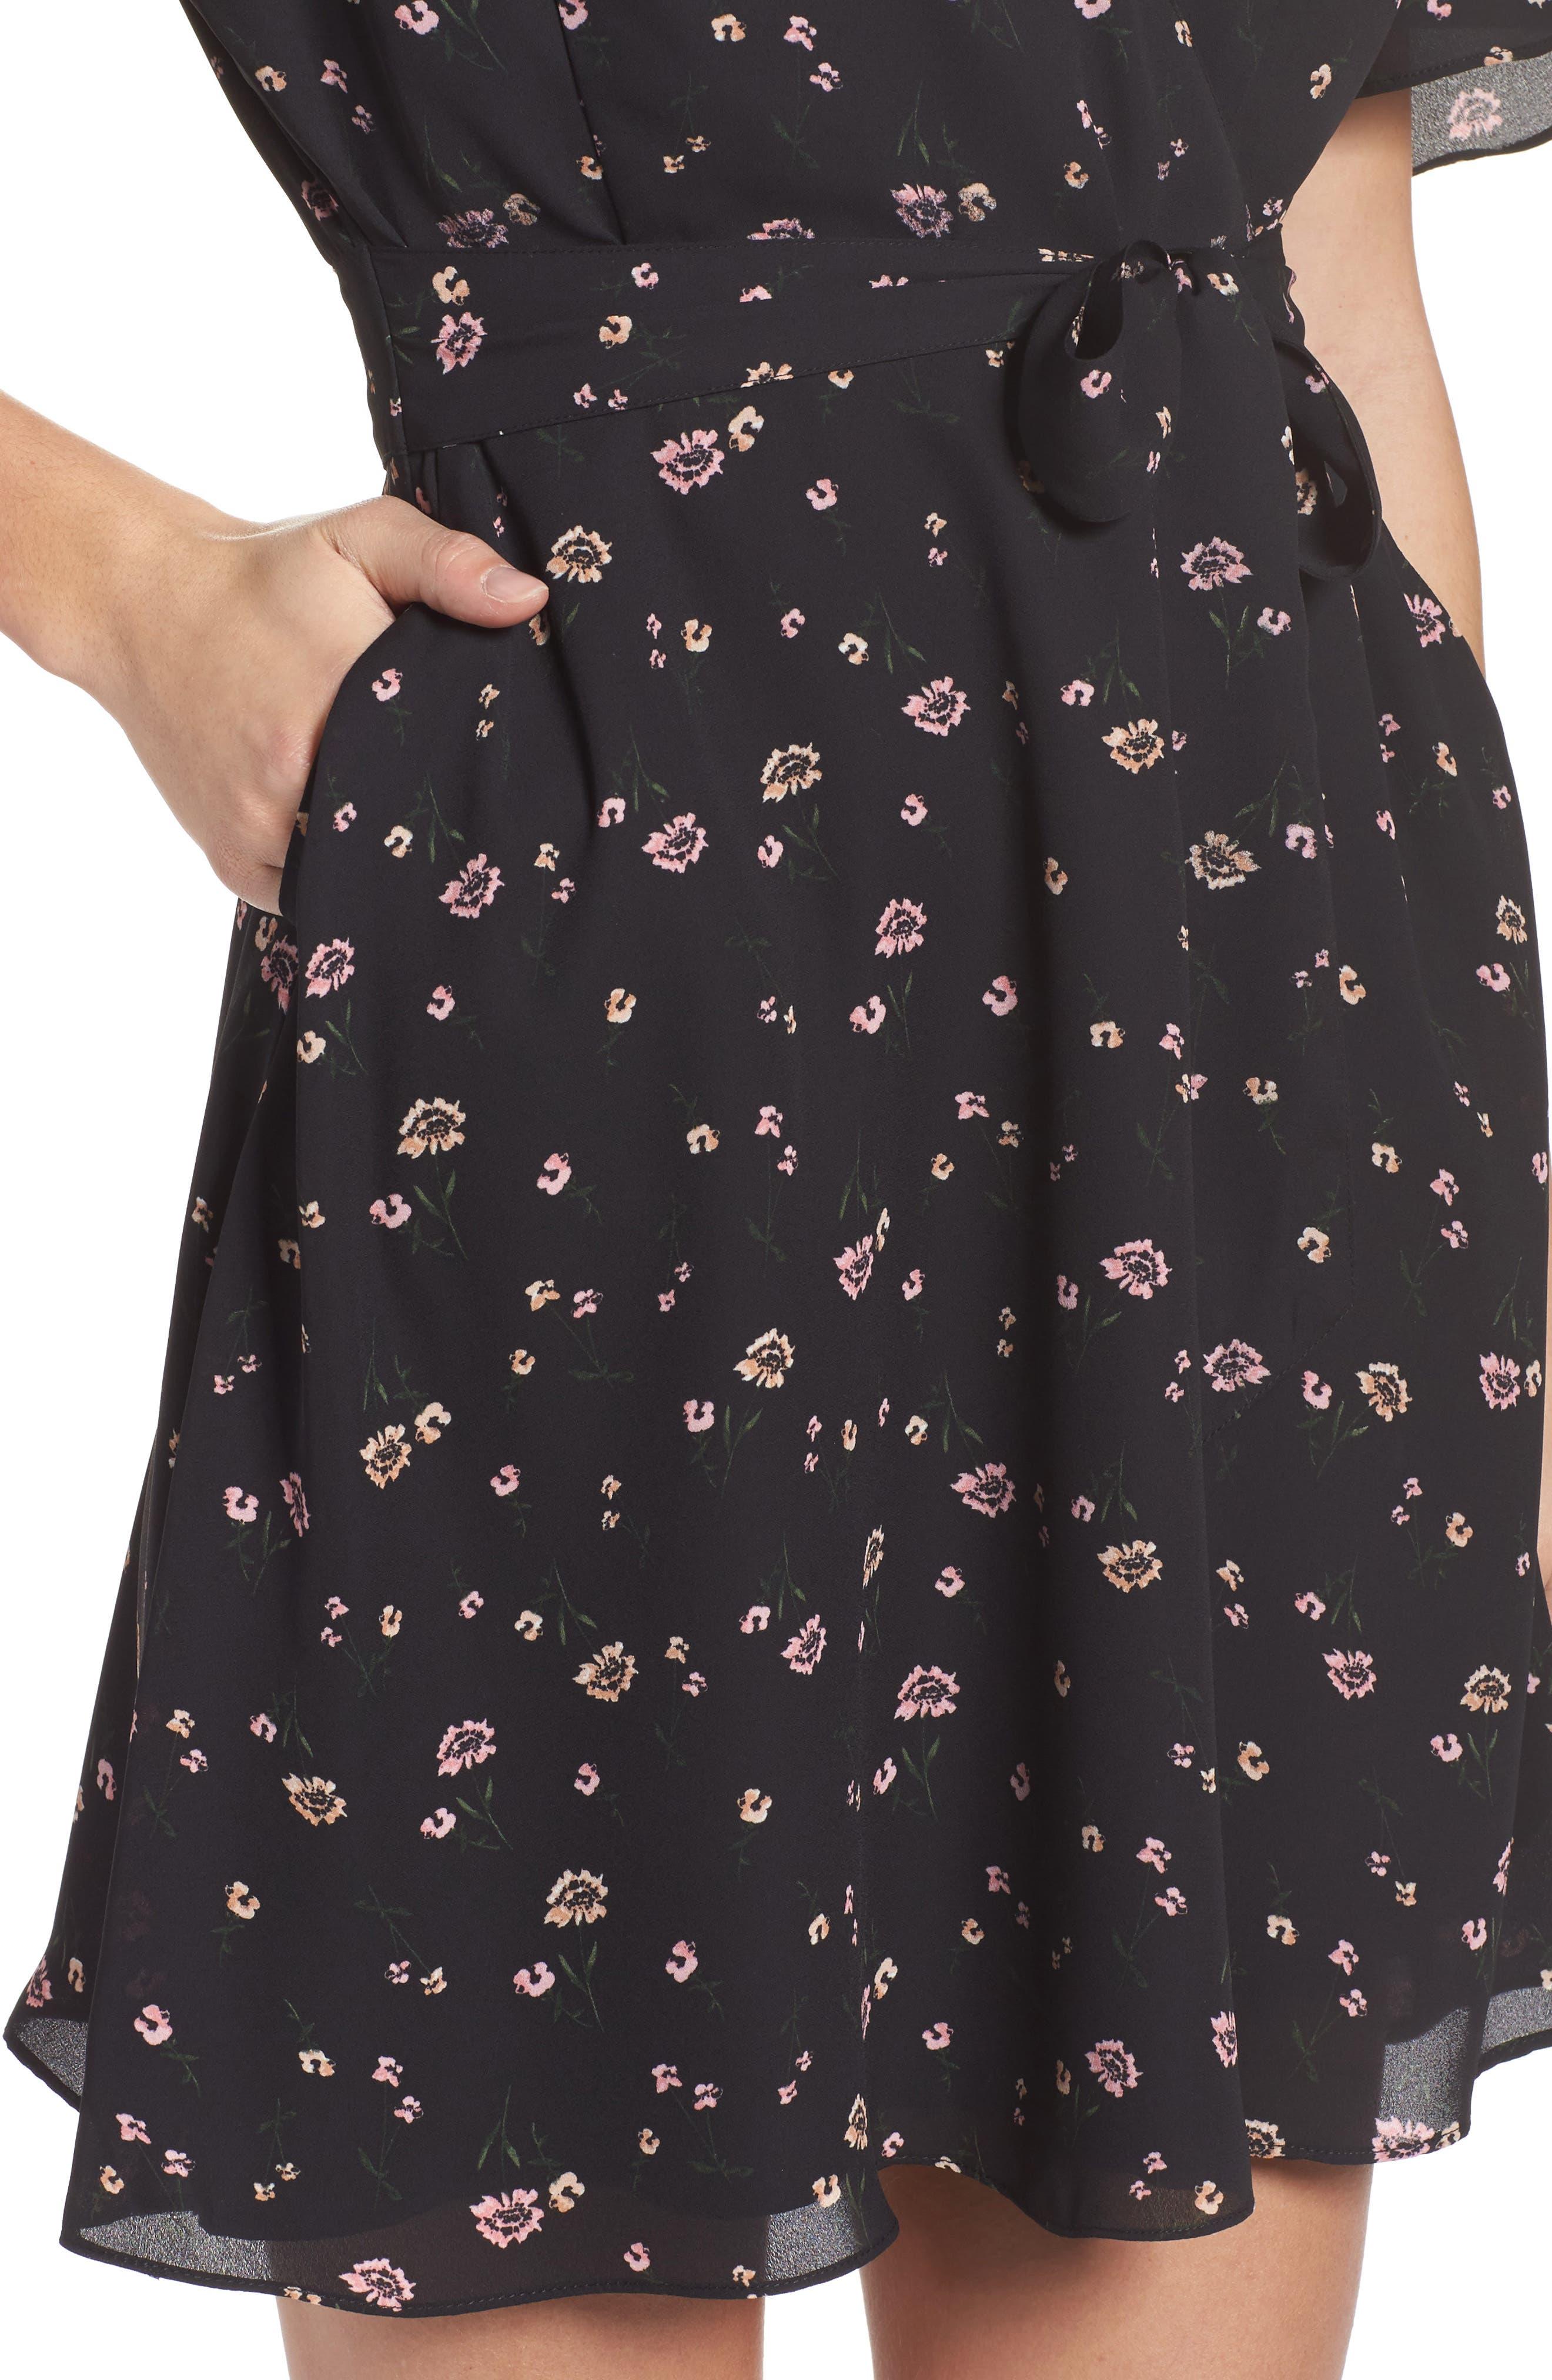 Lettie Dress,                             Alternate thumbnail 4, color,                             001